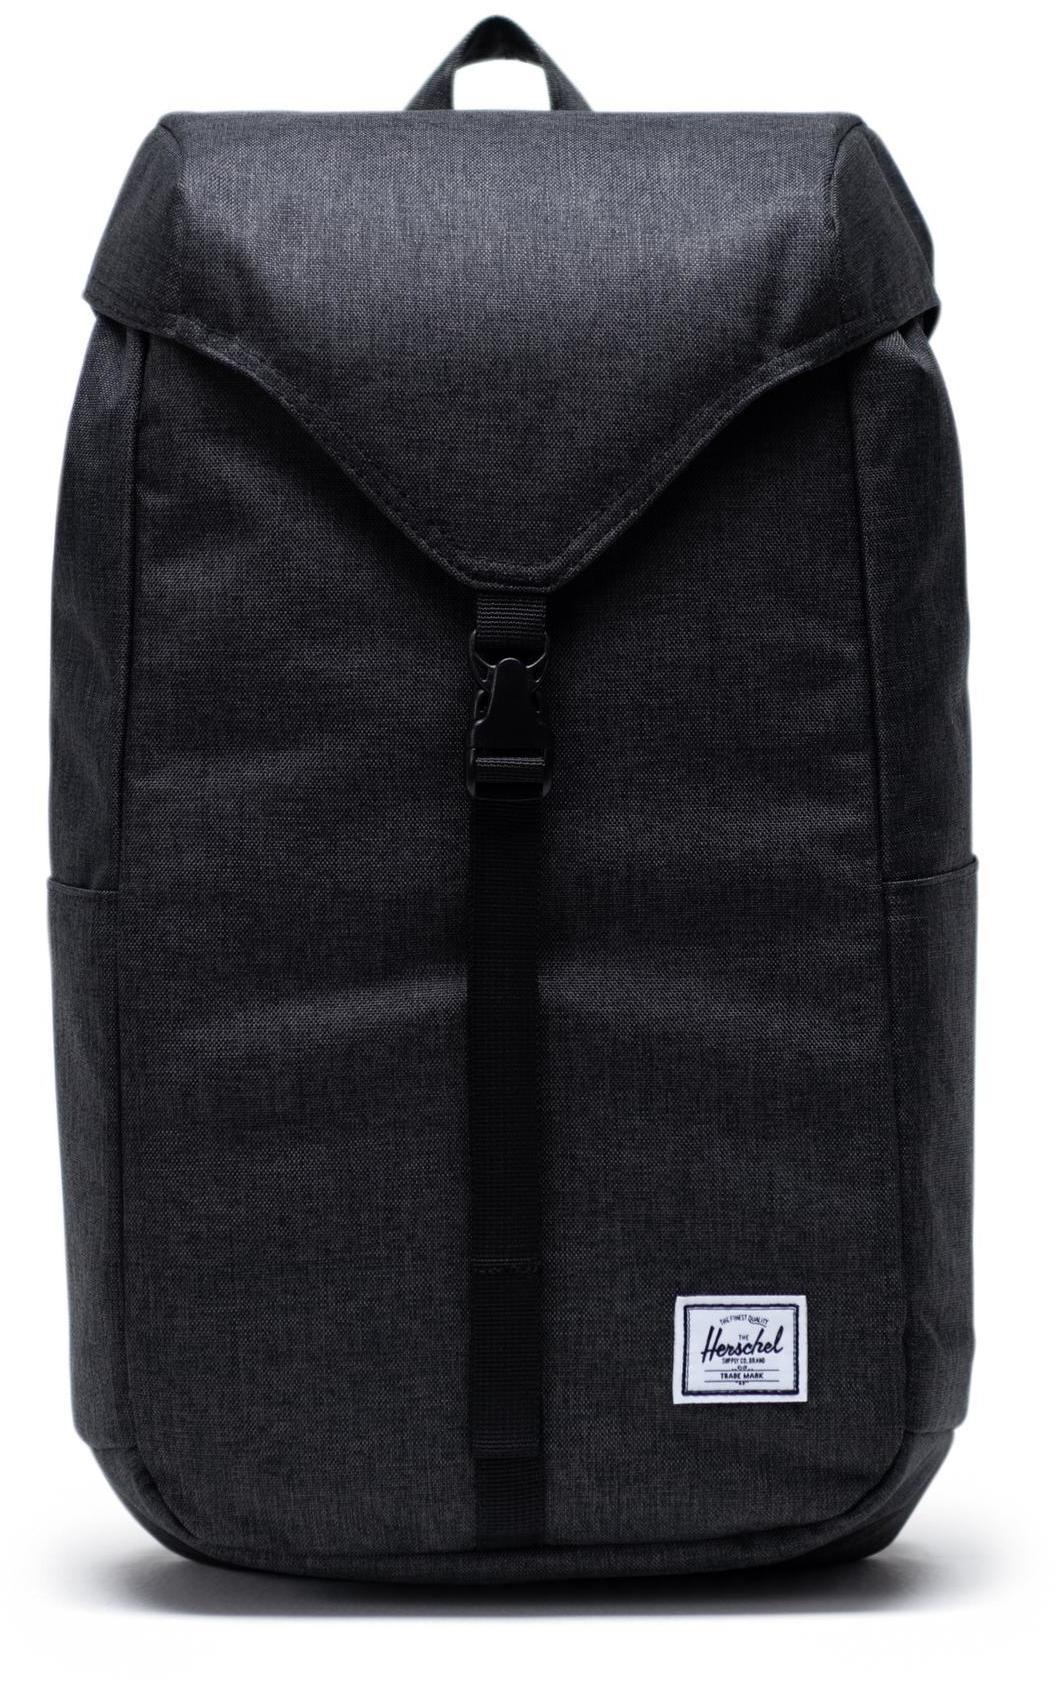 Herschel Thompson Backpack 17l, black crosshatch (2019)   Rygsæk og rejsetasker